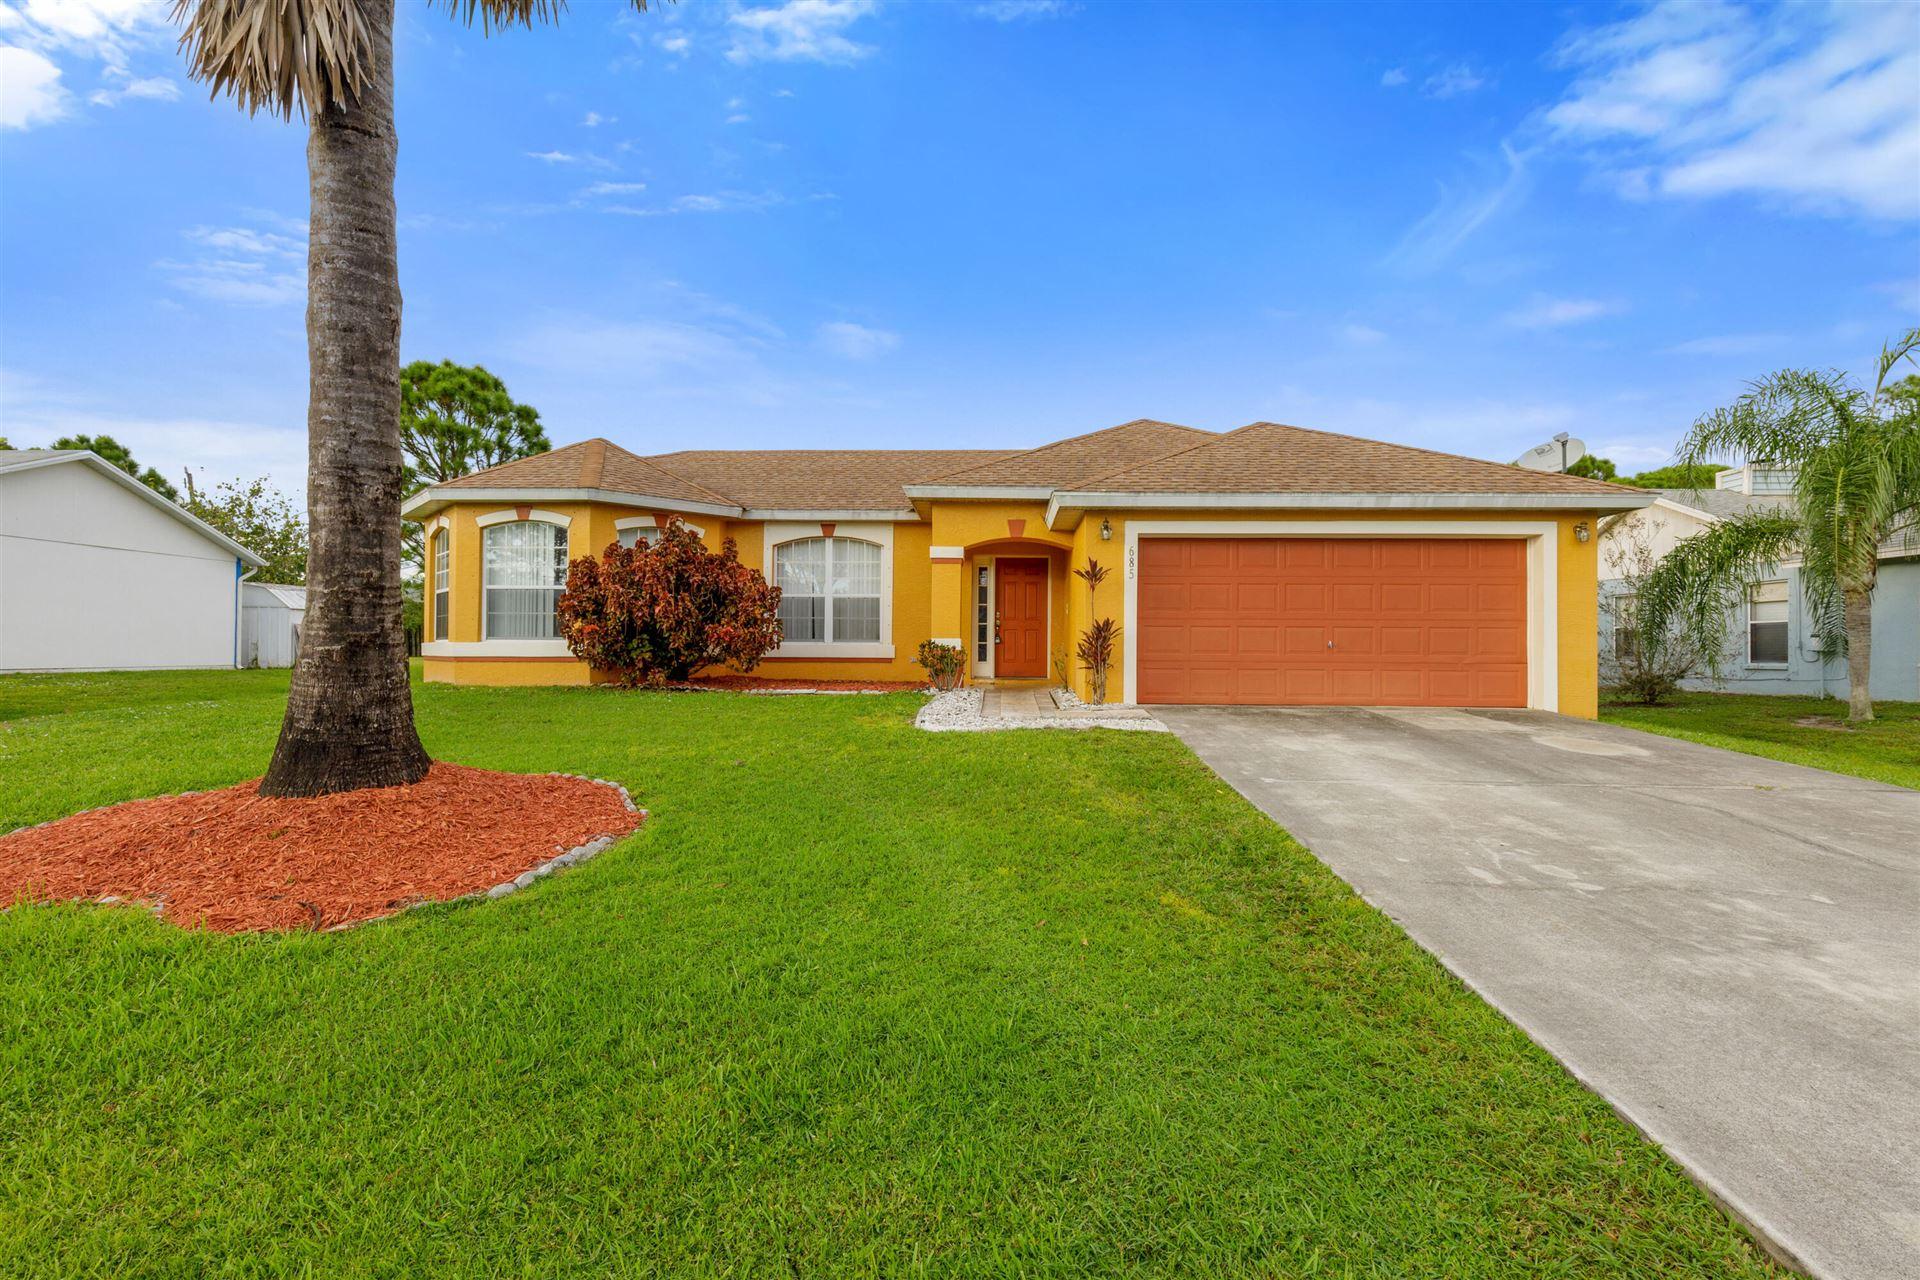 685 SE Ron Rico Terrace, Port Saint Lucie, FL 34983 - #: RX-10752980